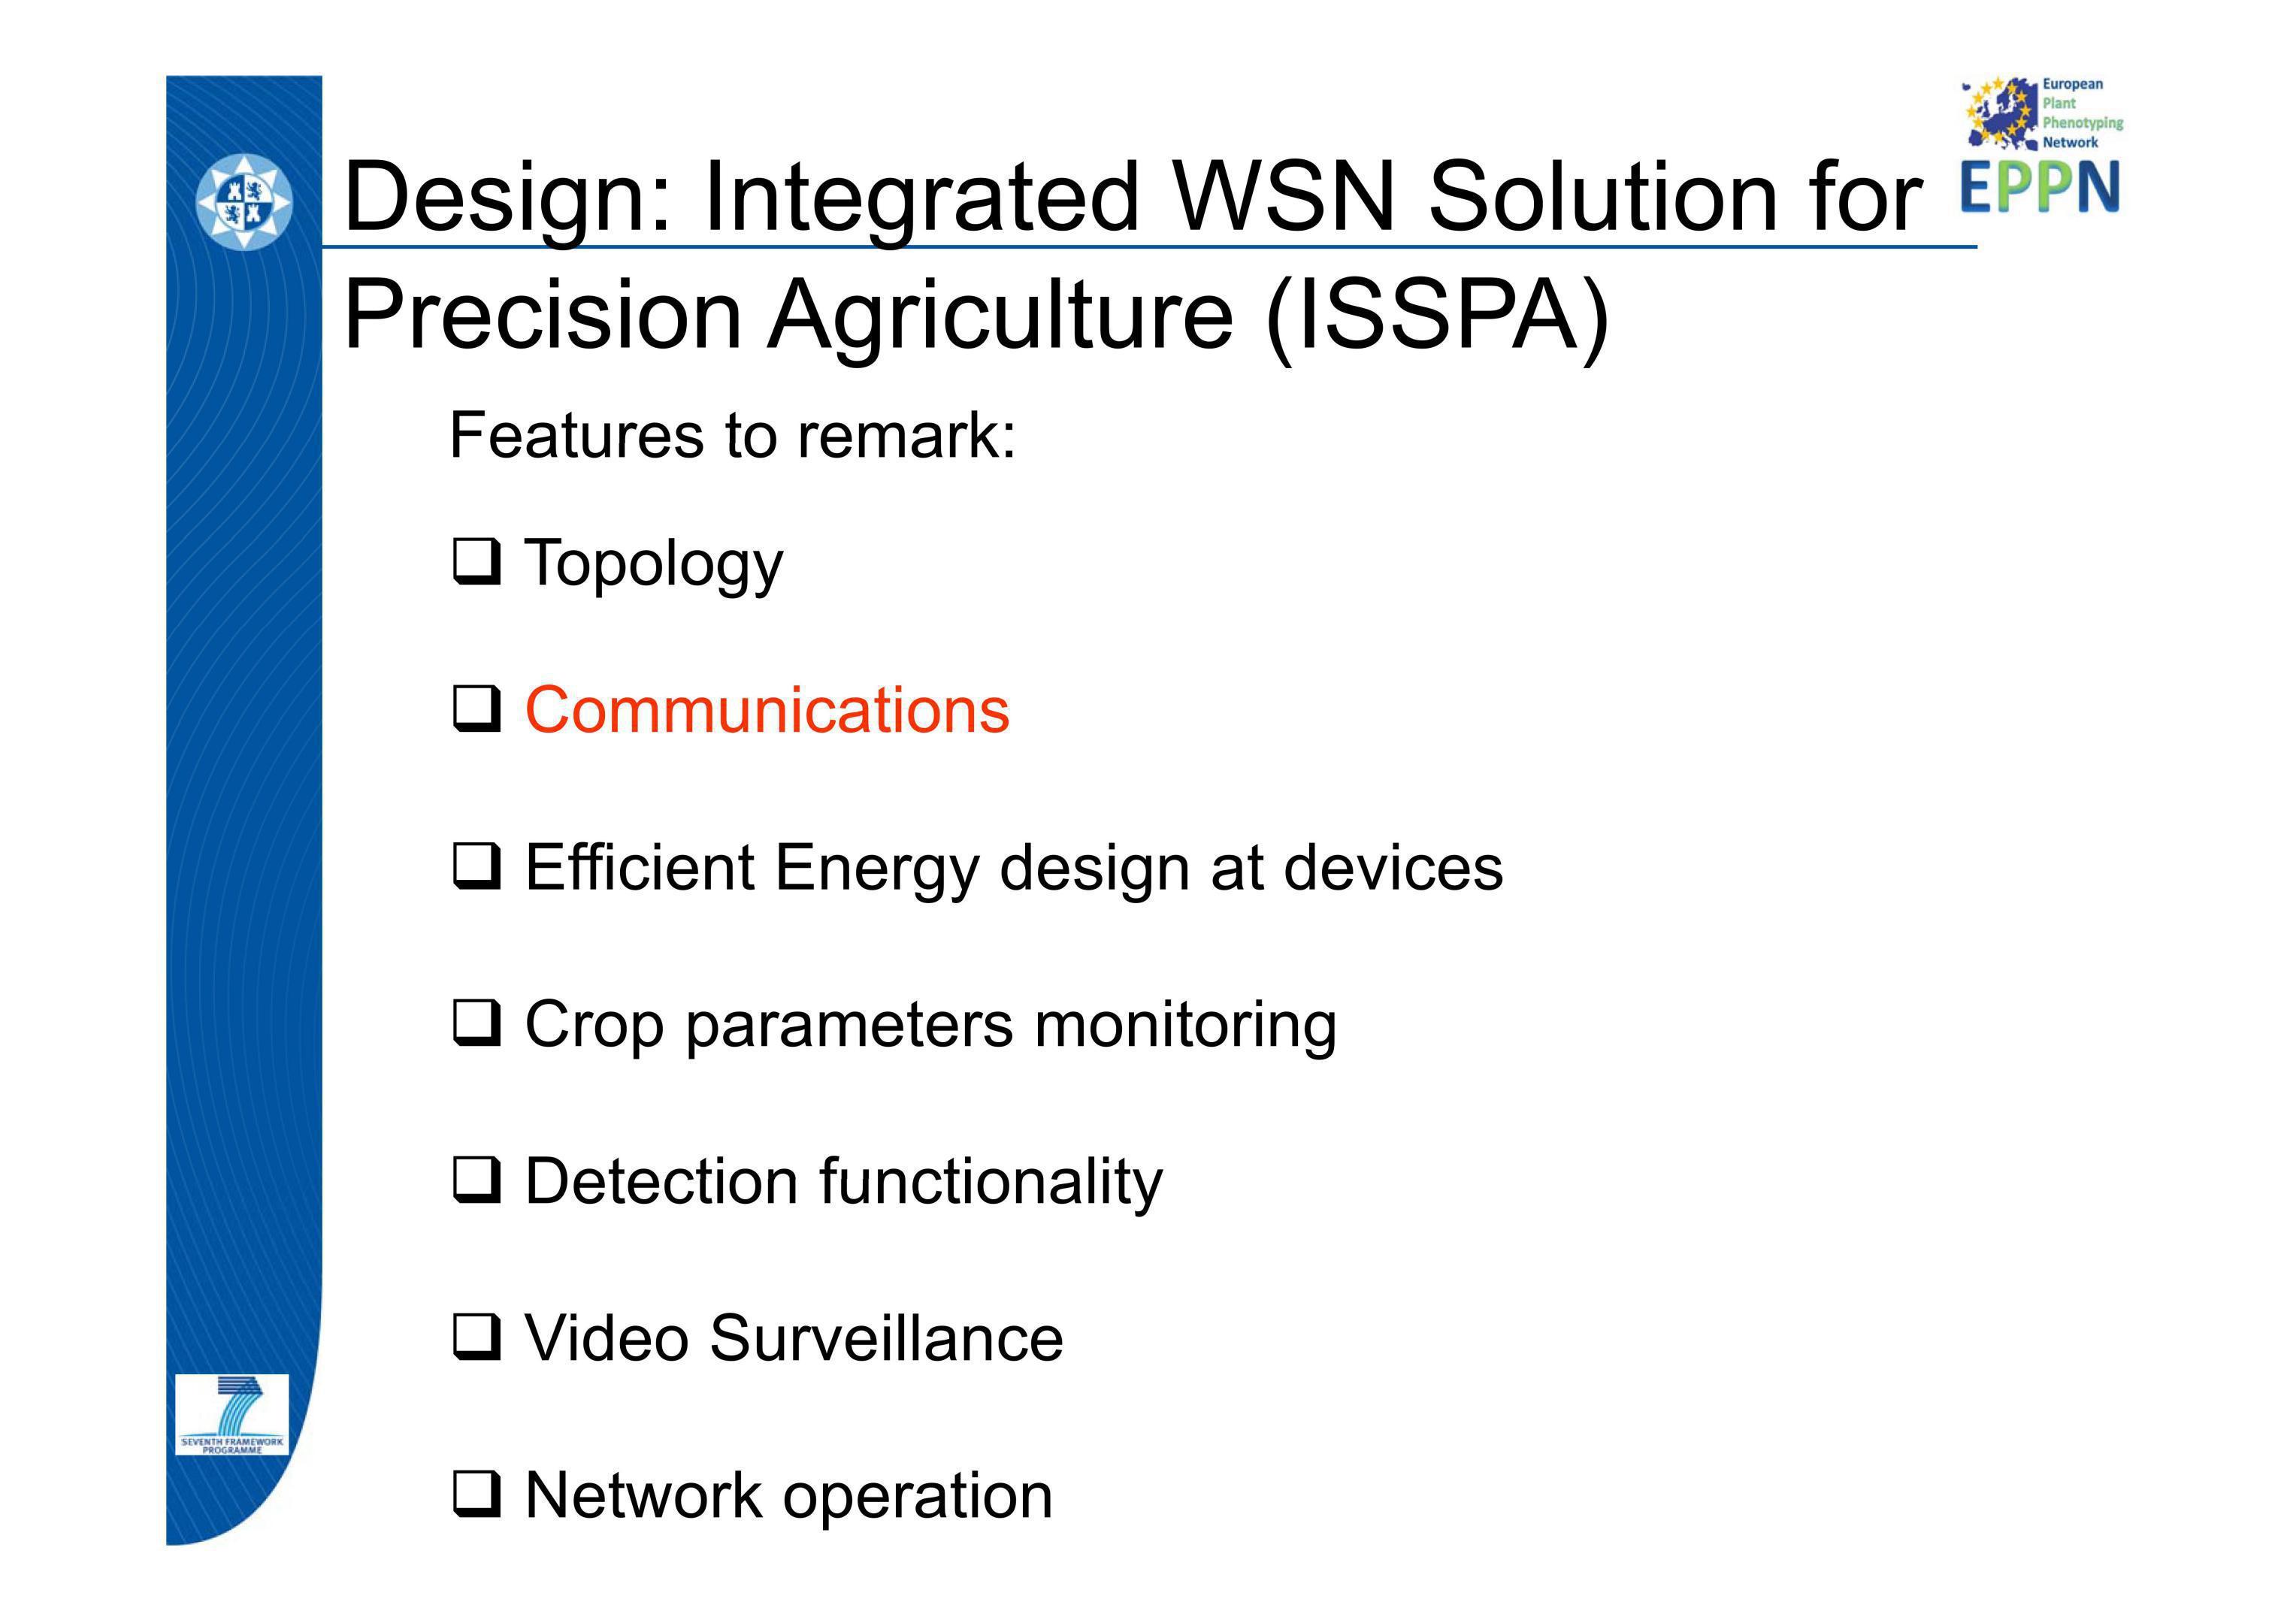 Беспроводные сенсорные сети в сельском хозяйстве